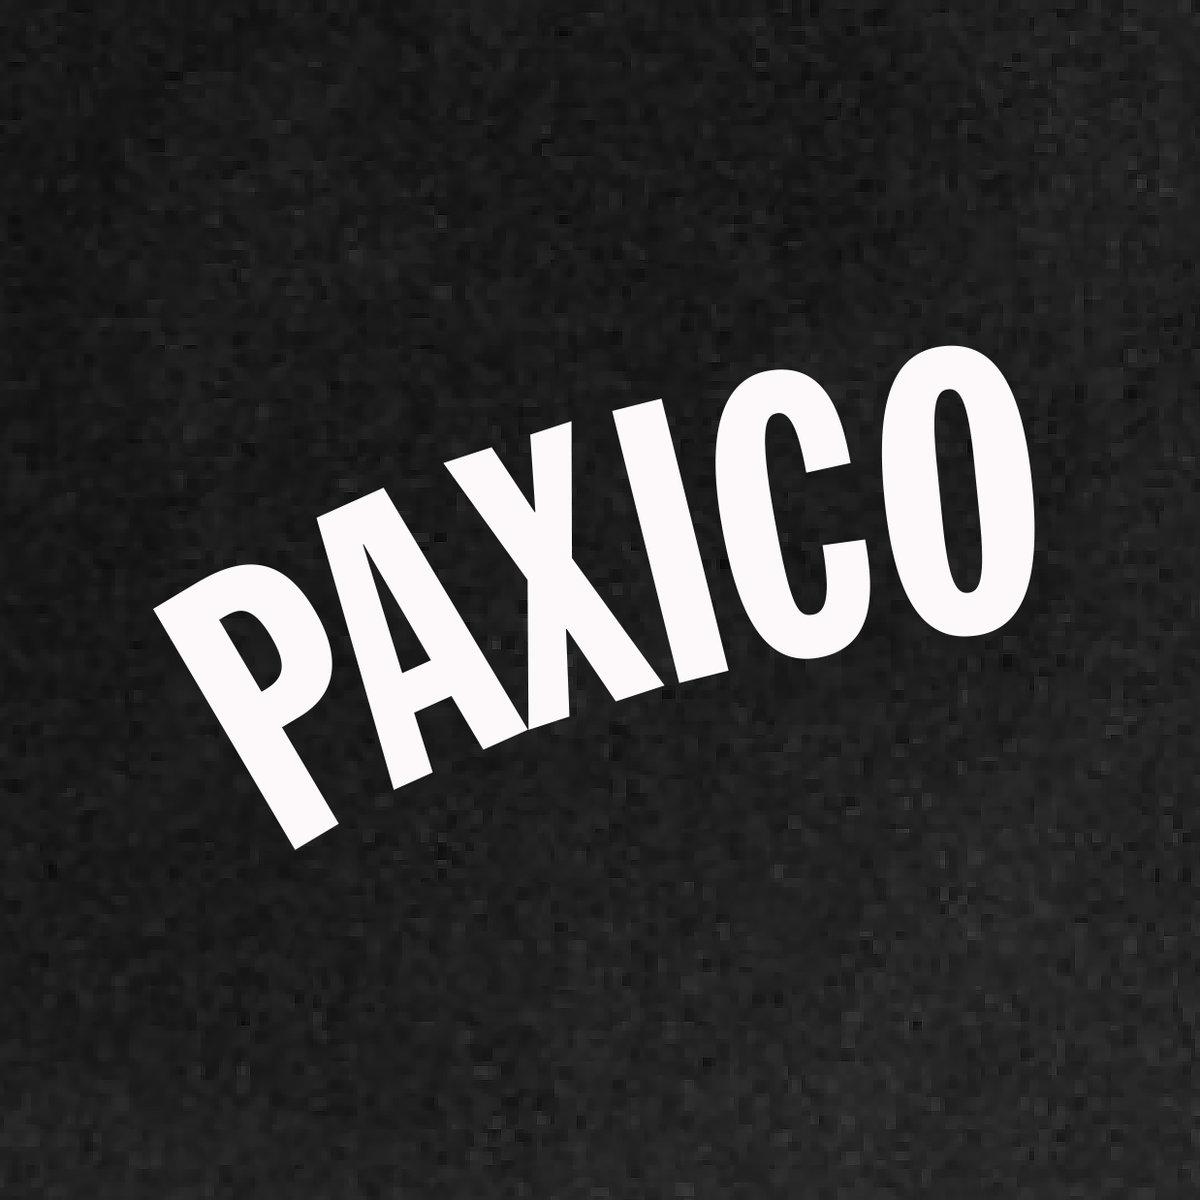 Paxico Records